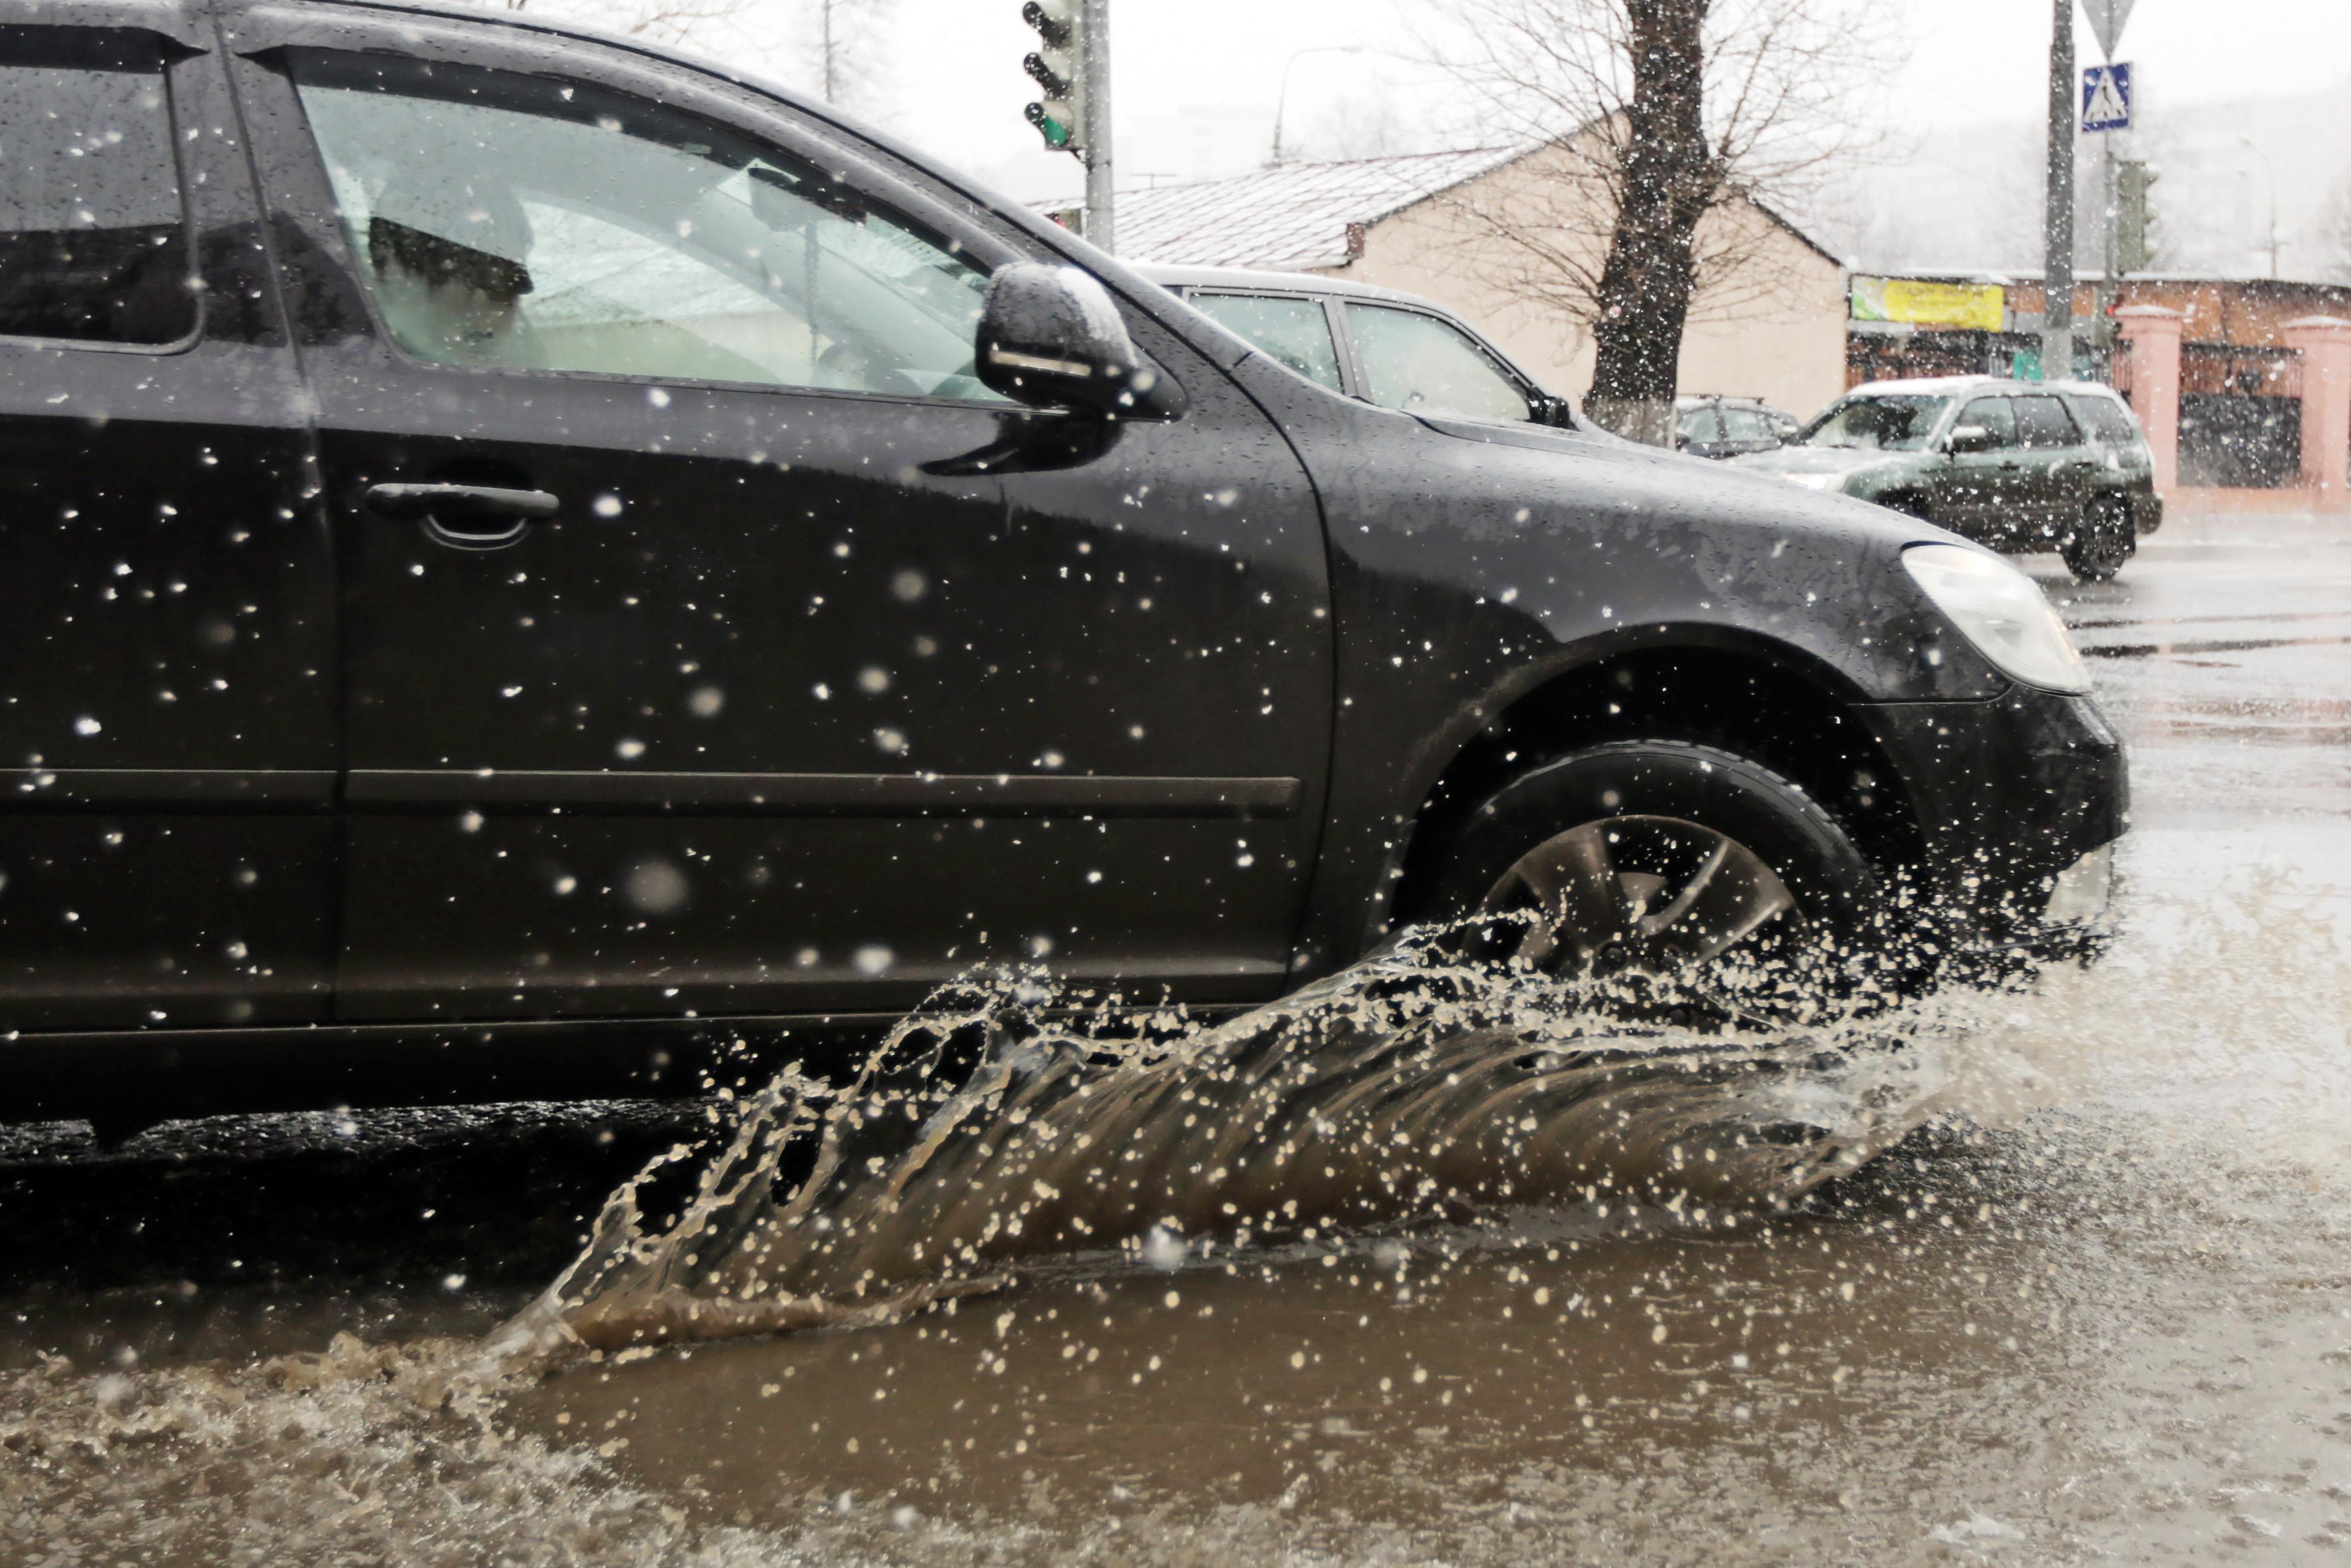 Погода в Москве ухудшится из-за циклона «Таня»